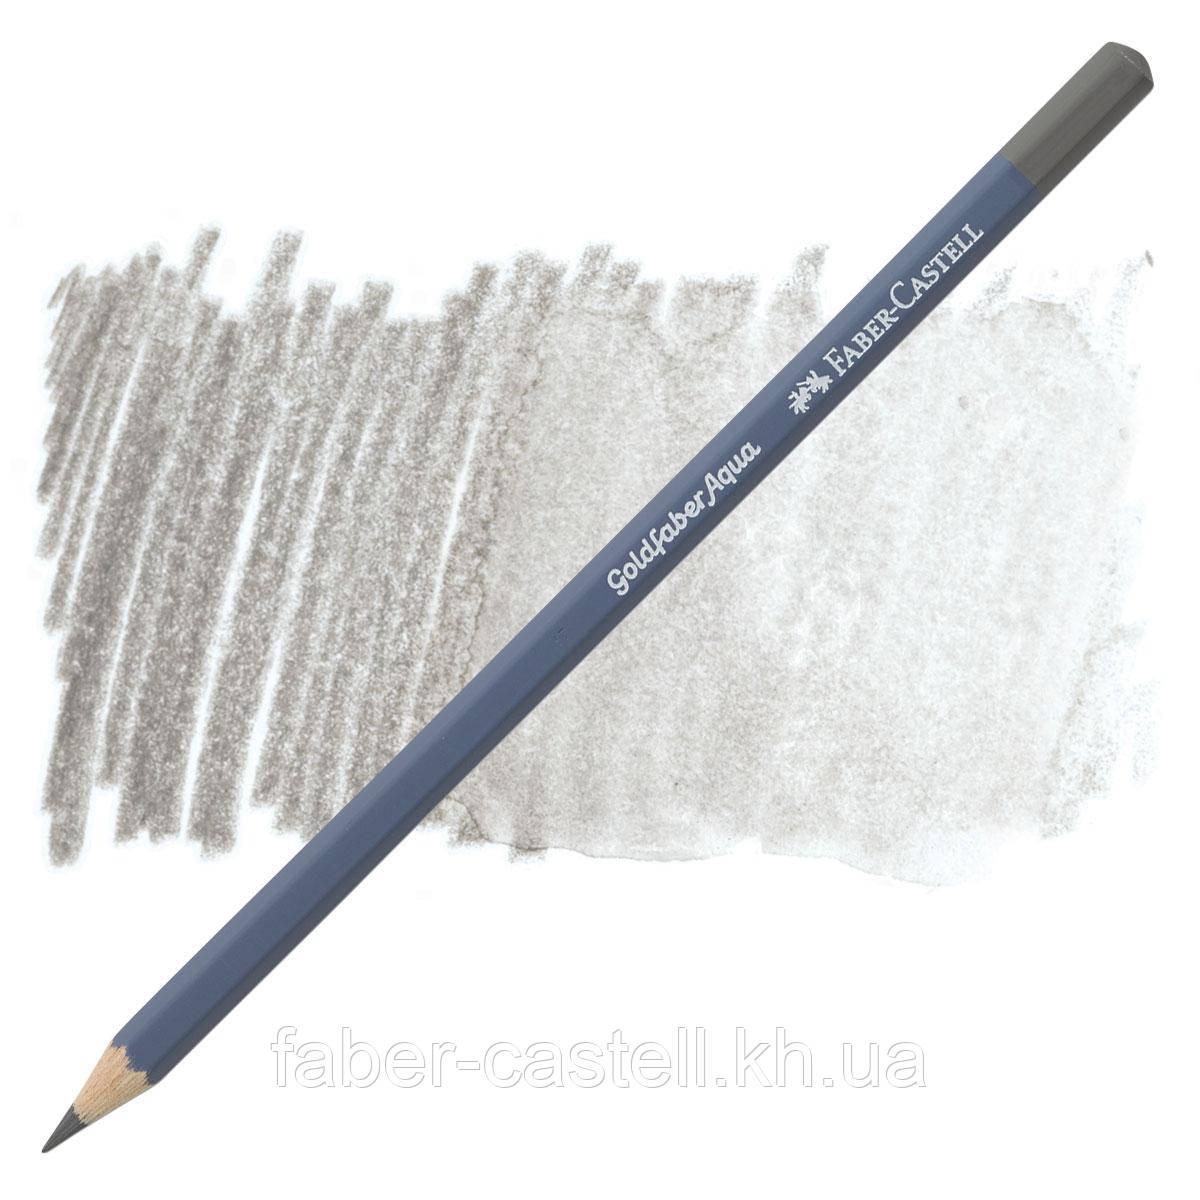 Карандаш акварельный Faber-Castell Goldfaber Aqua цвет теплый серый IV  № 273 (Warm Grey IV), 114695